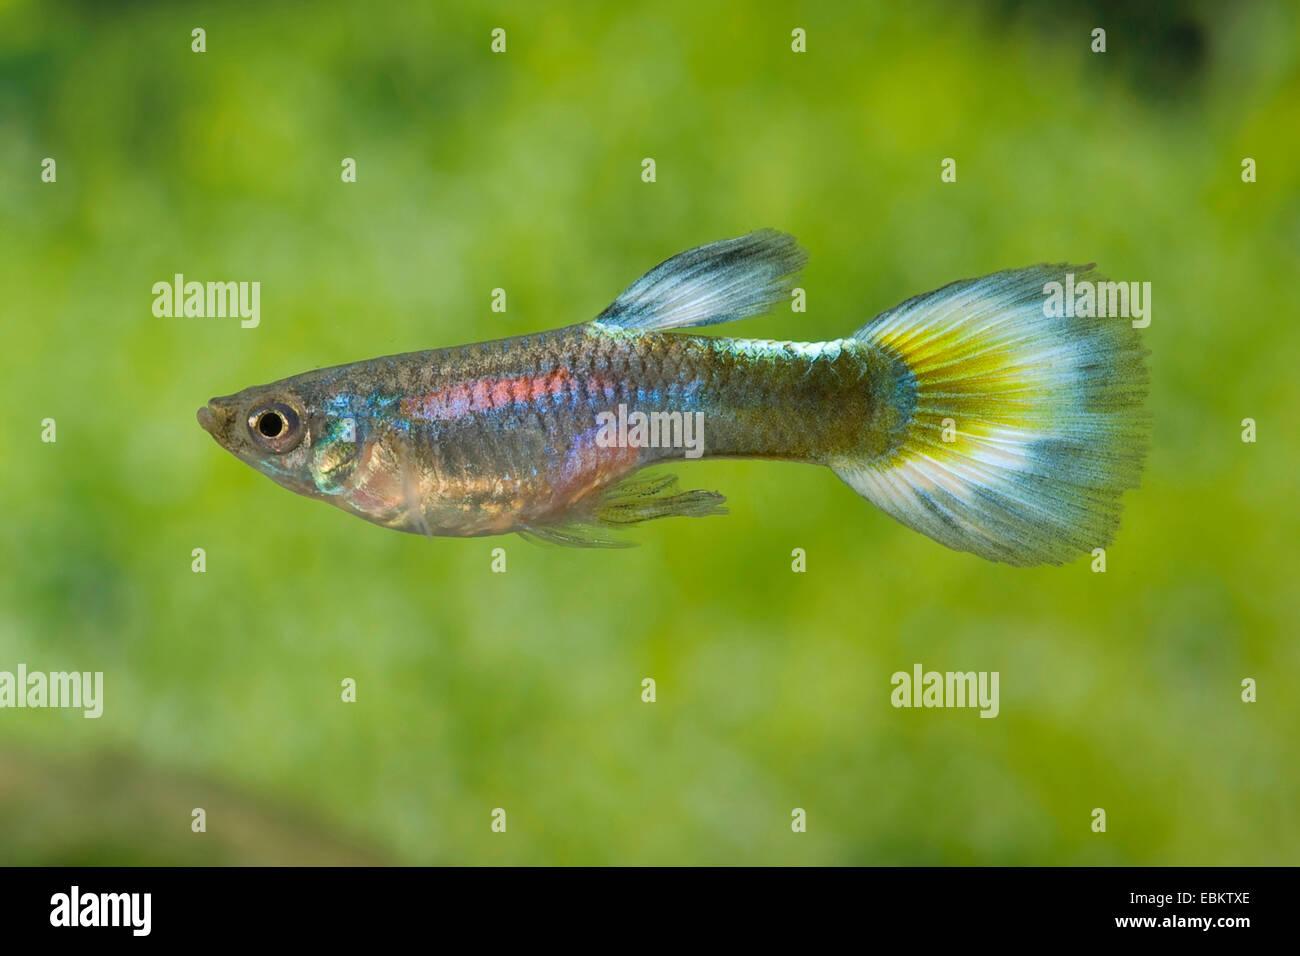 guppy (Poecilia reticulata, Lebistes reticulatus, Lebistes reticulata), breed form Half Blue Neon - Stock Image